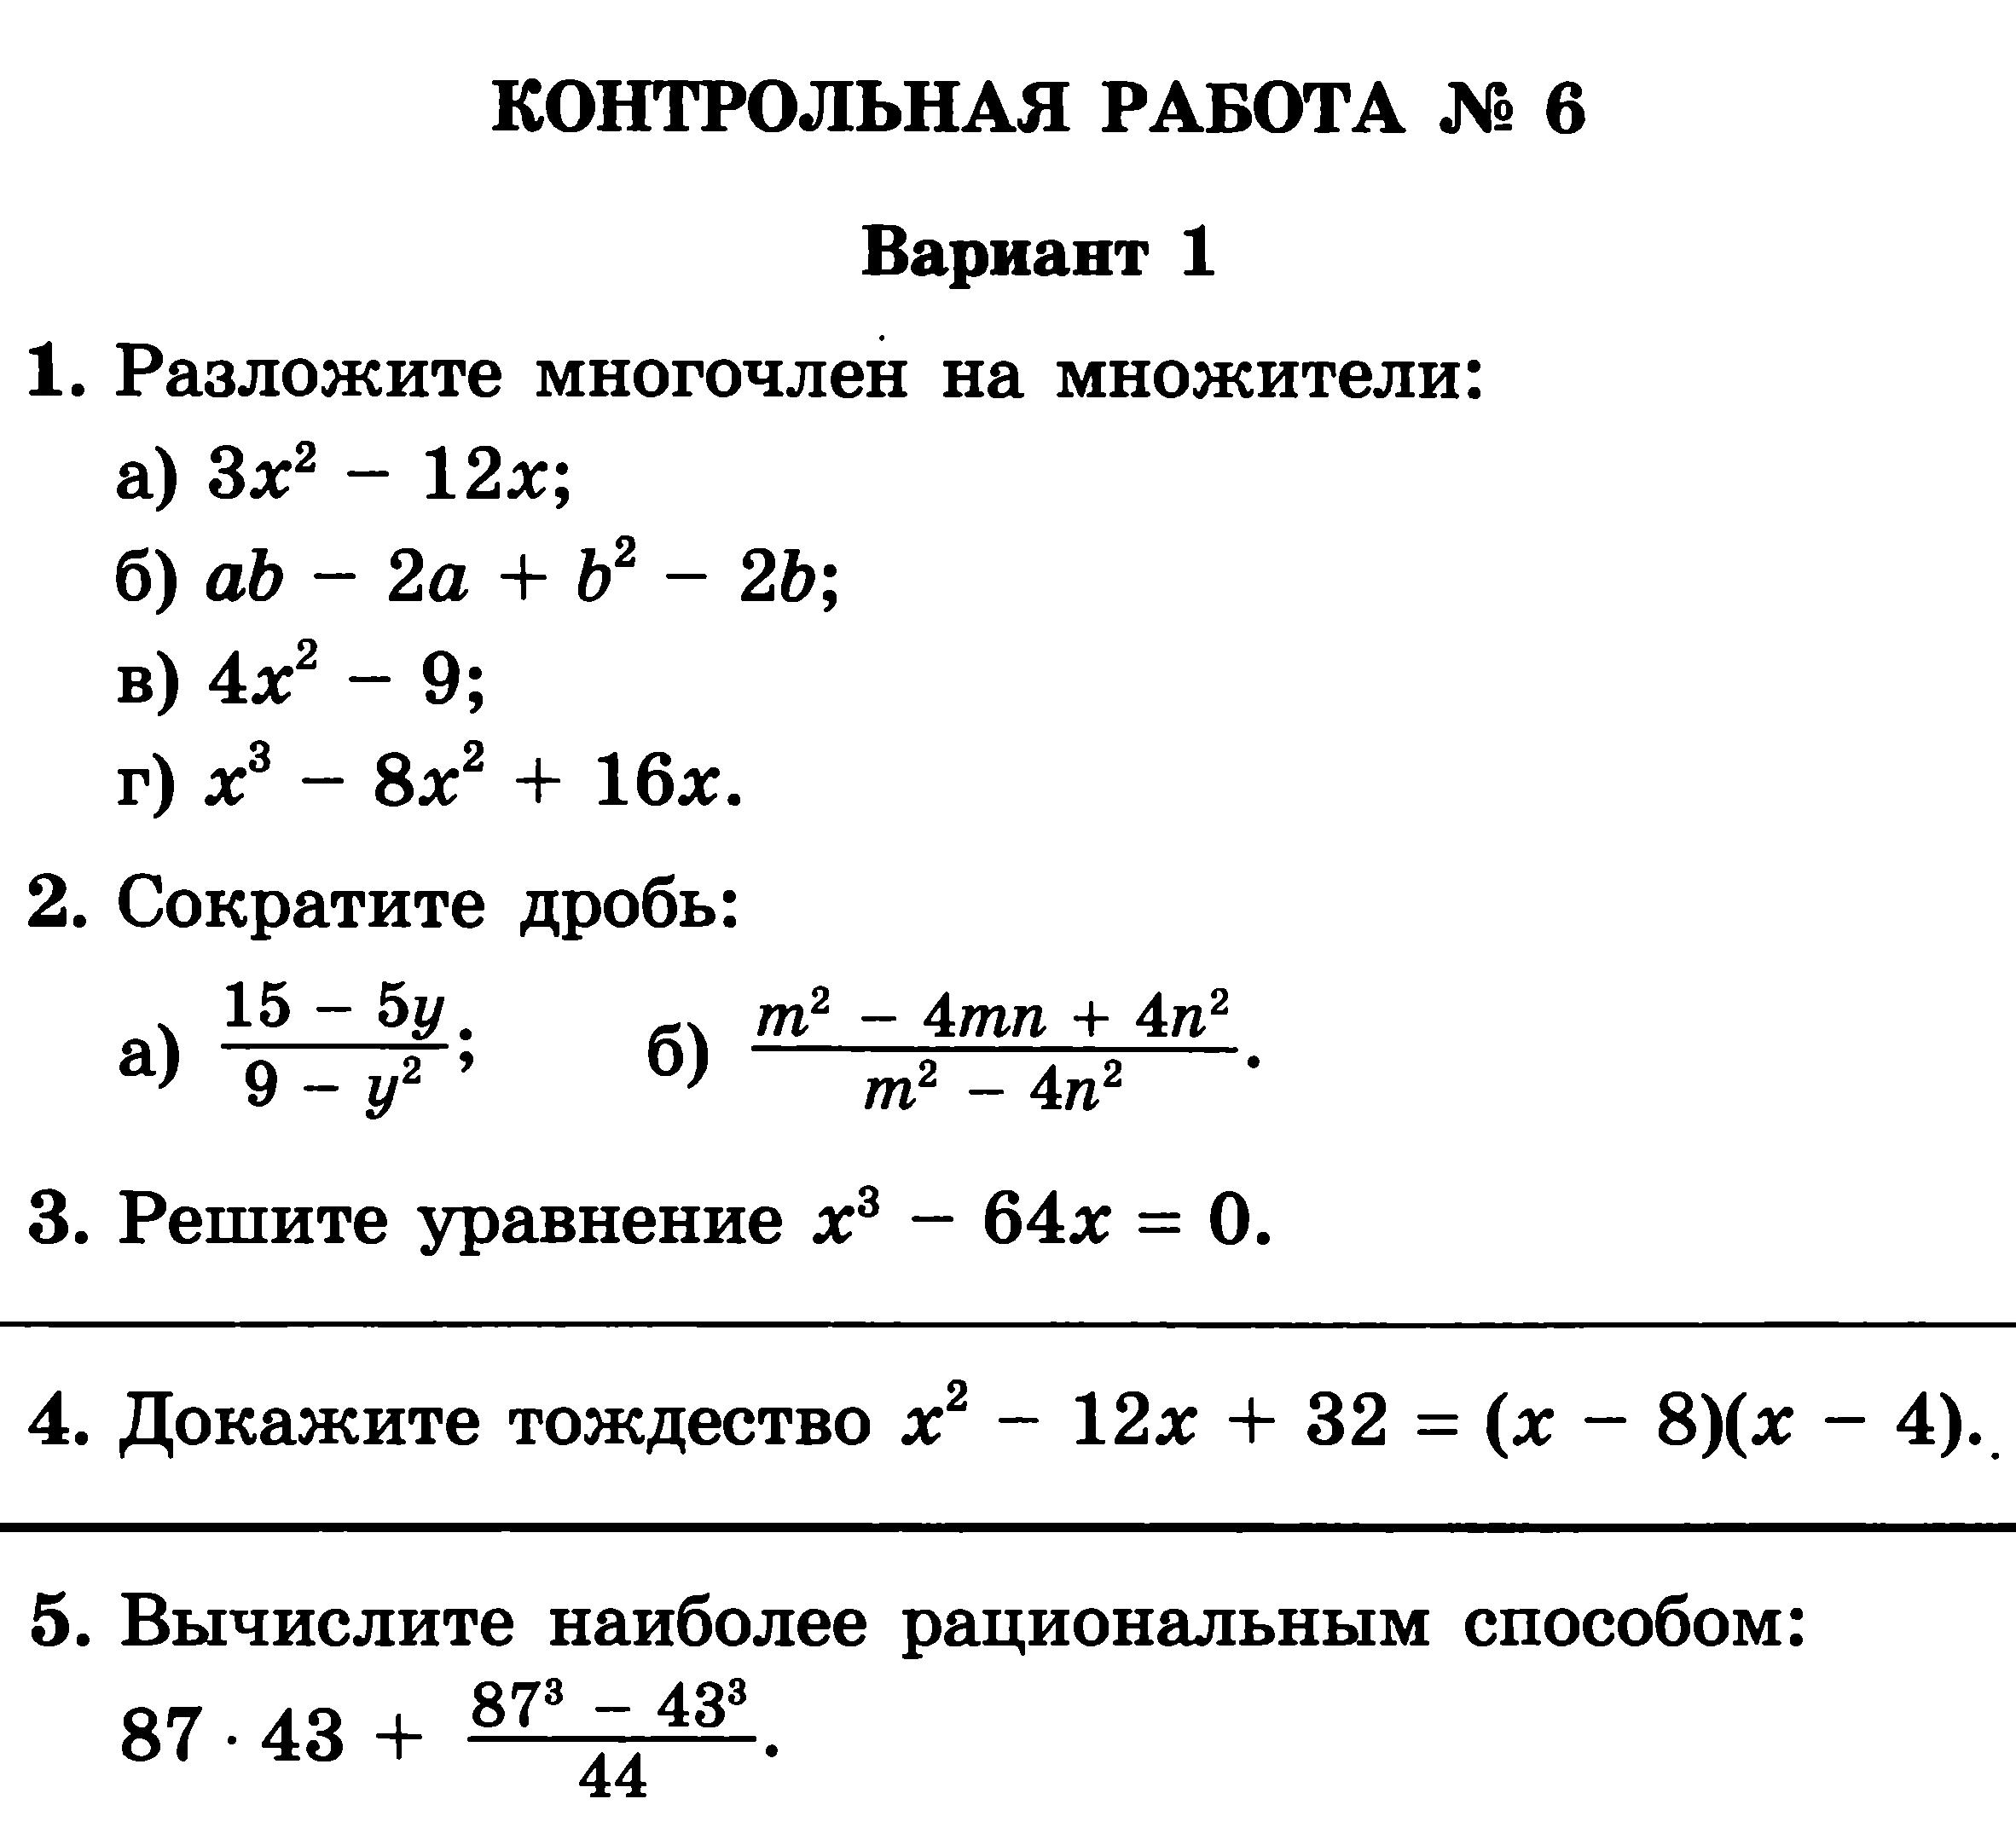 Рабочая программа по математике 8 класс мордкович и атанасян